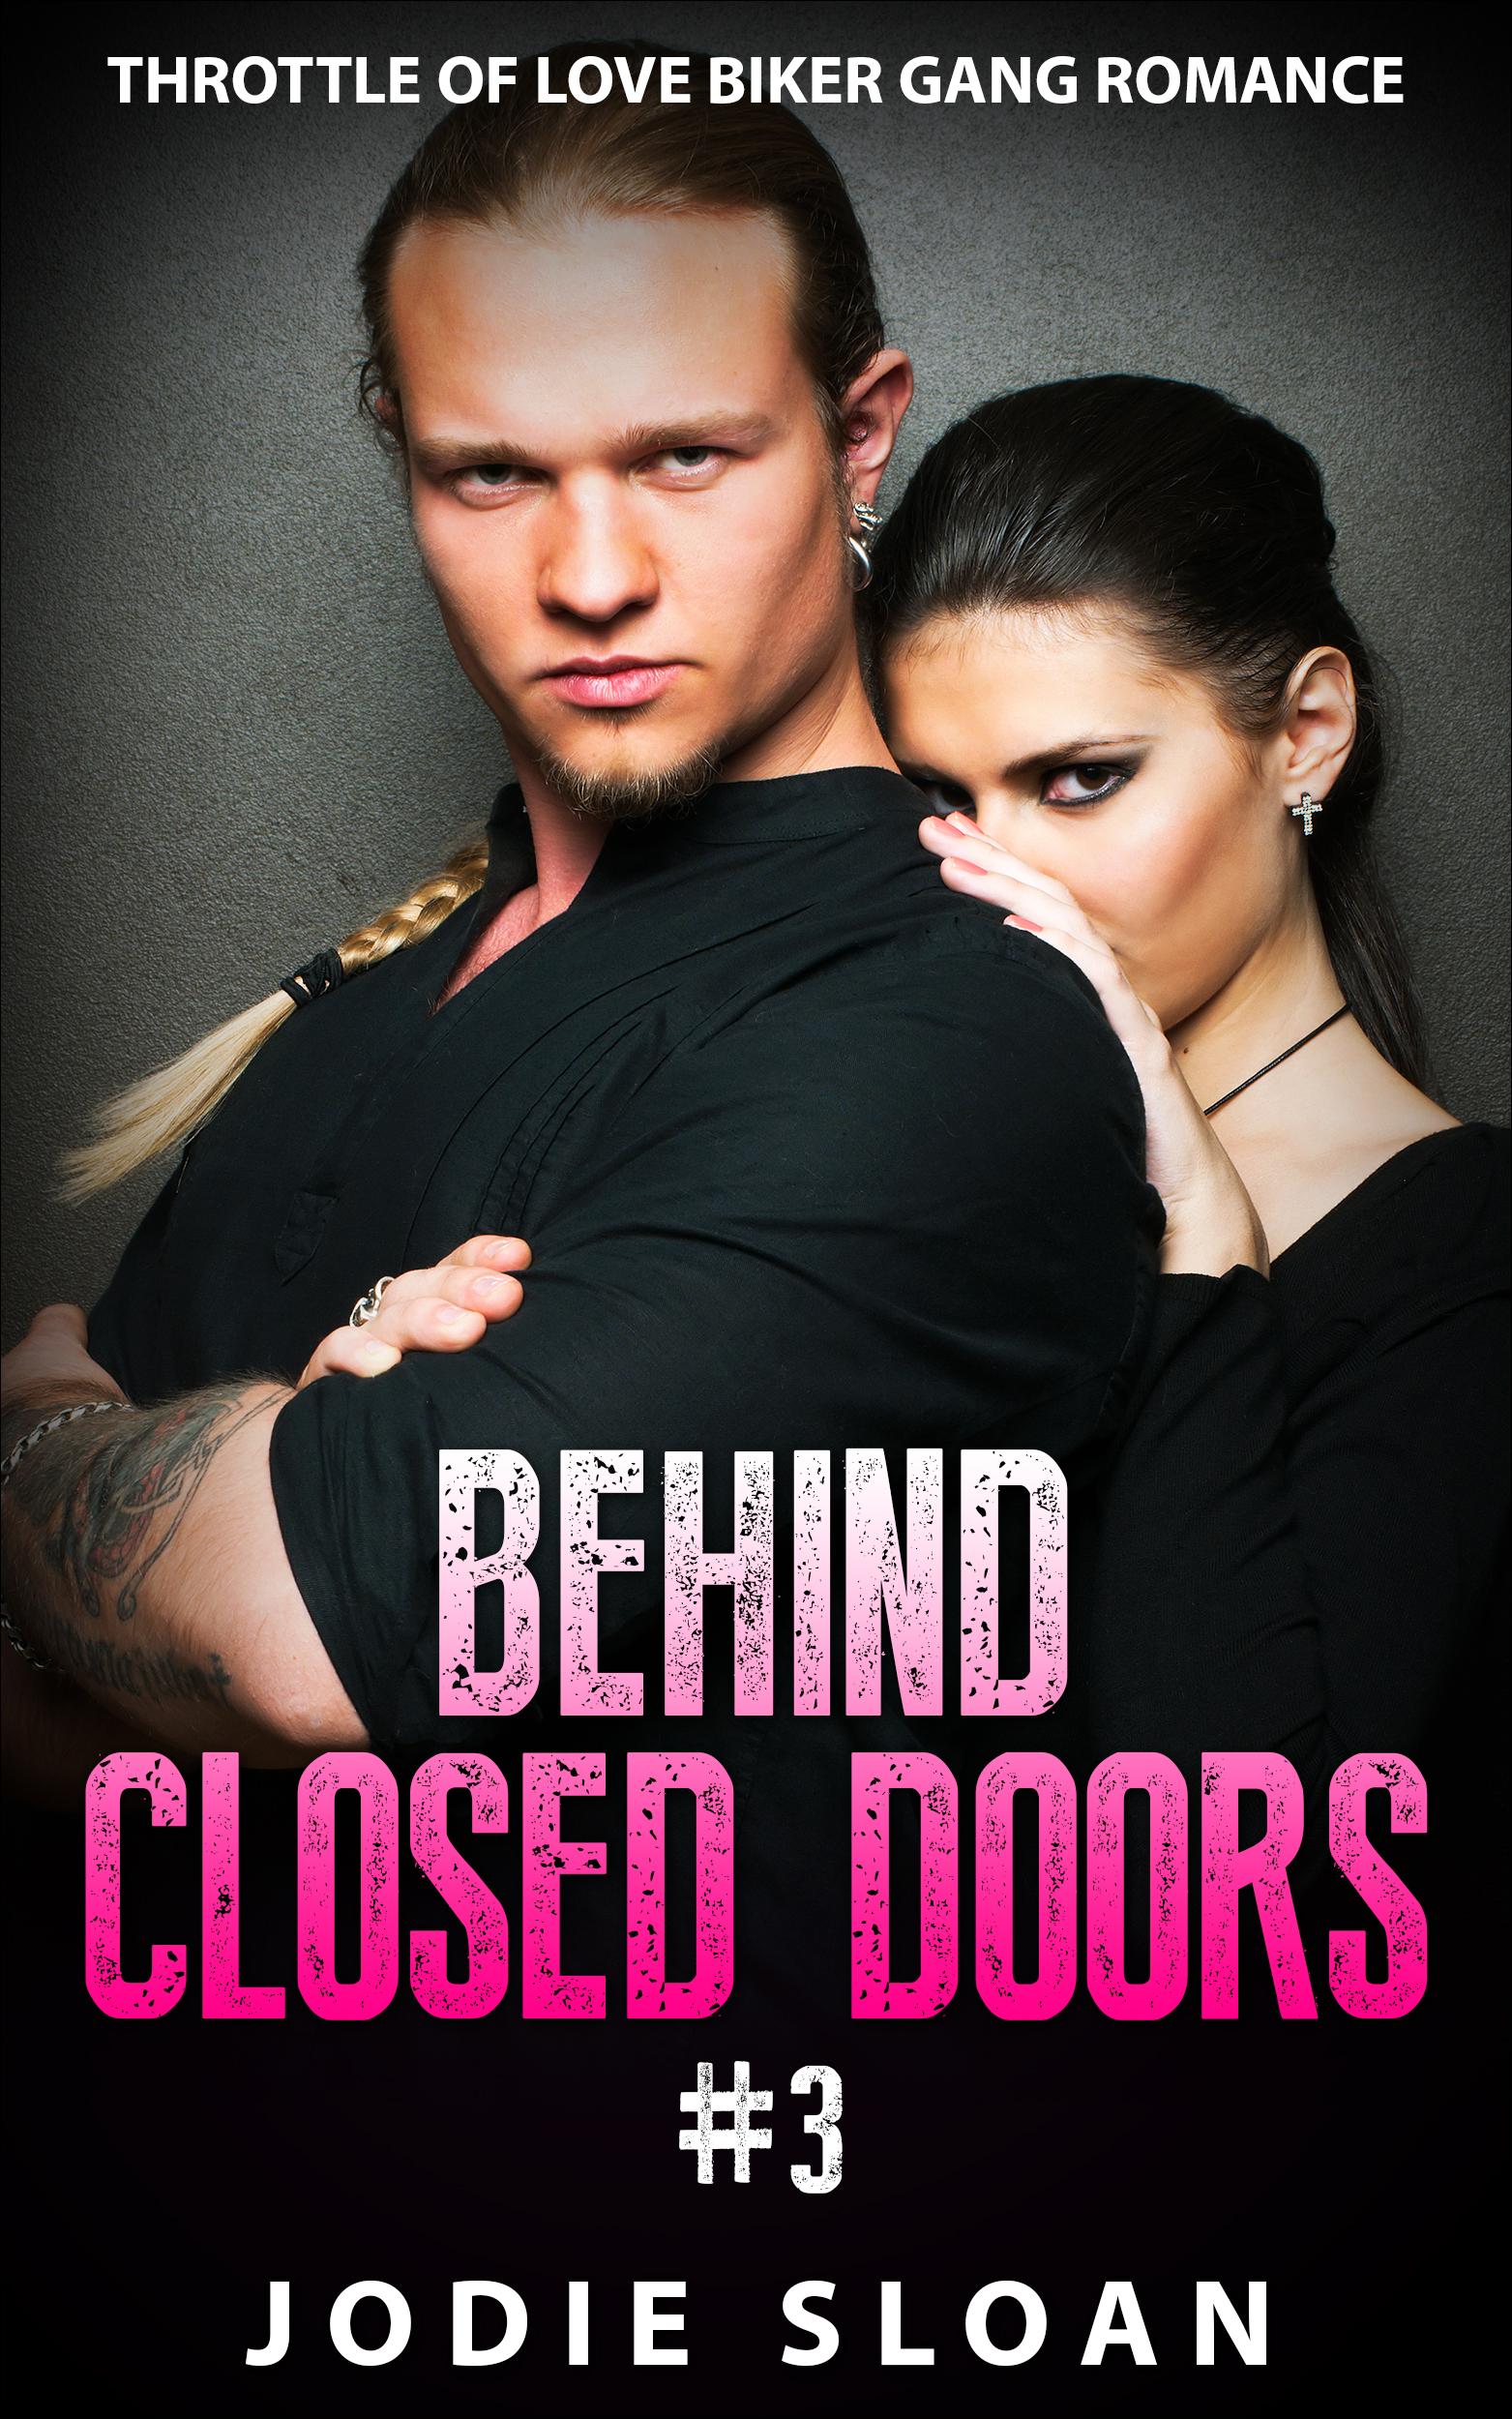 Behind closed doors #3